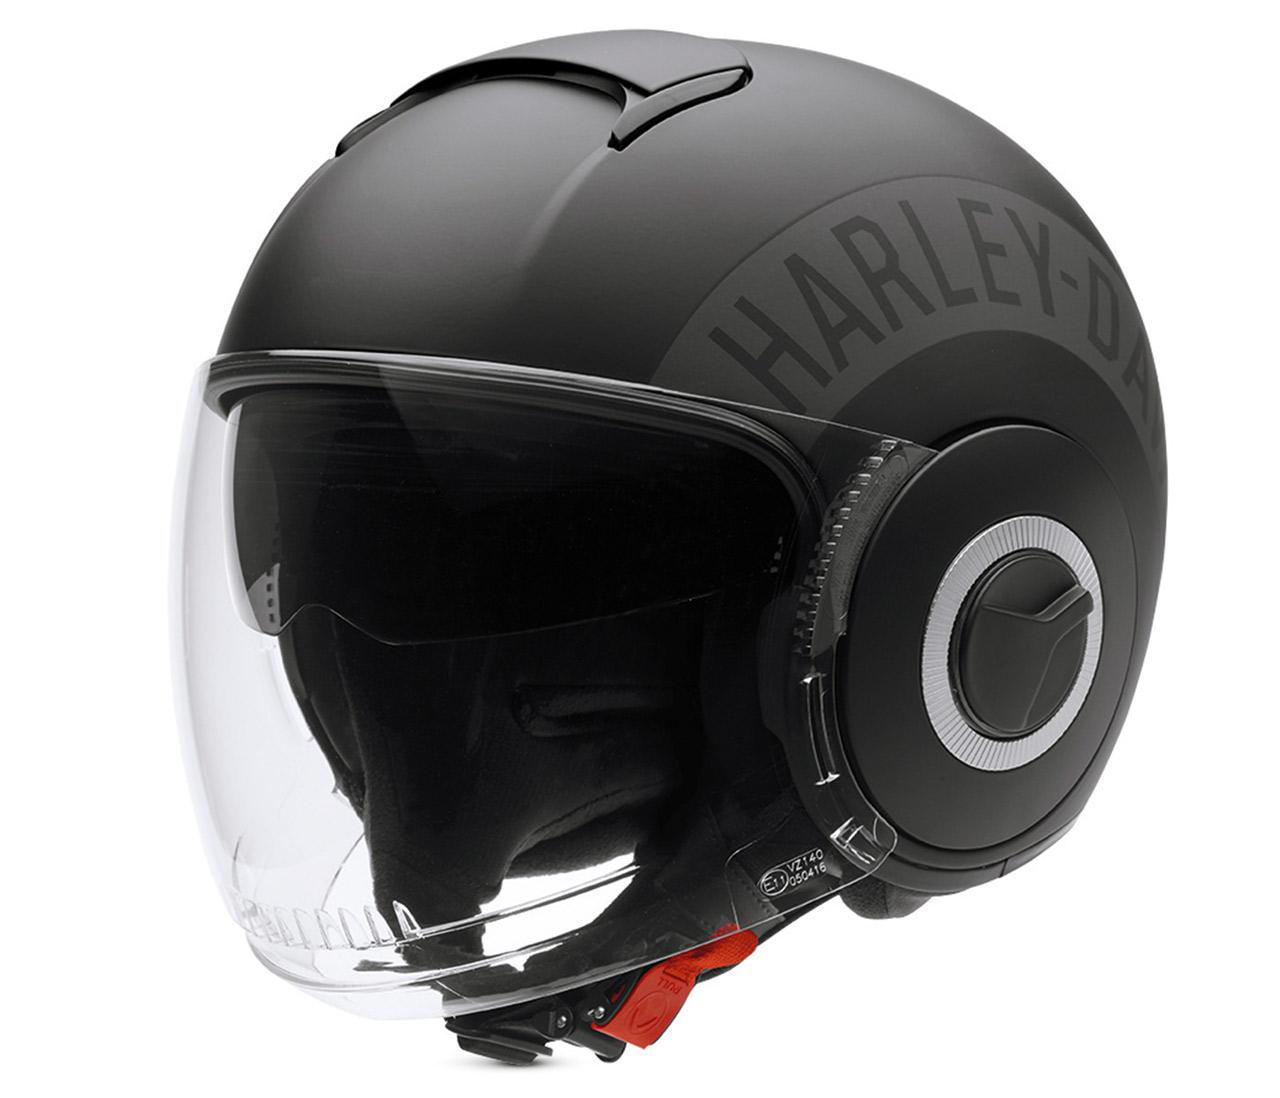 ec 98315 15e harley davidson helm commuter 3 4 matt. Black Bedroom Furniture Sets. Home Design Ideas